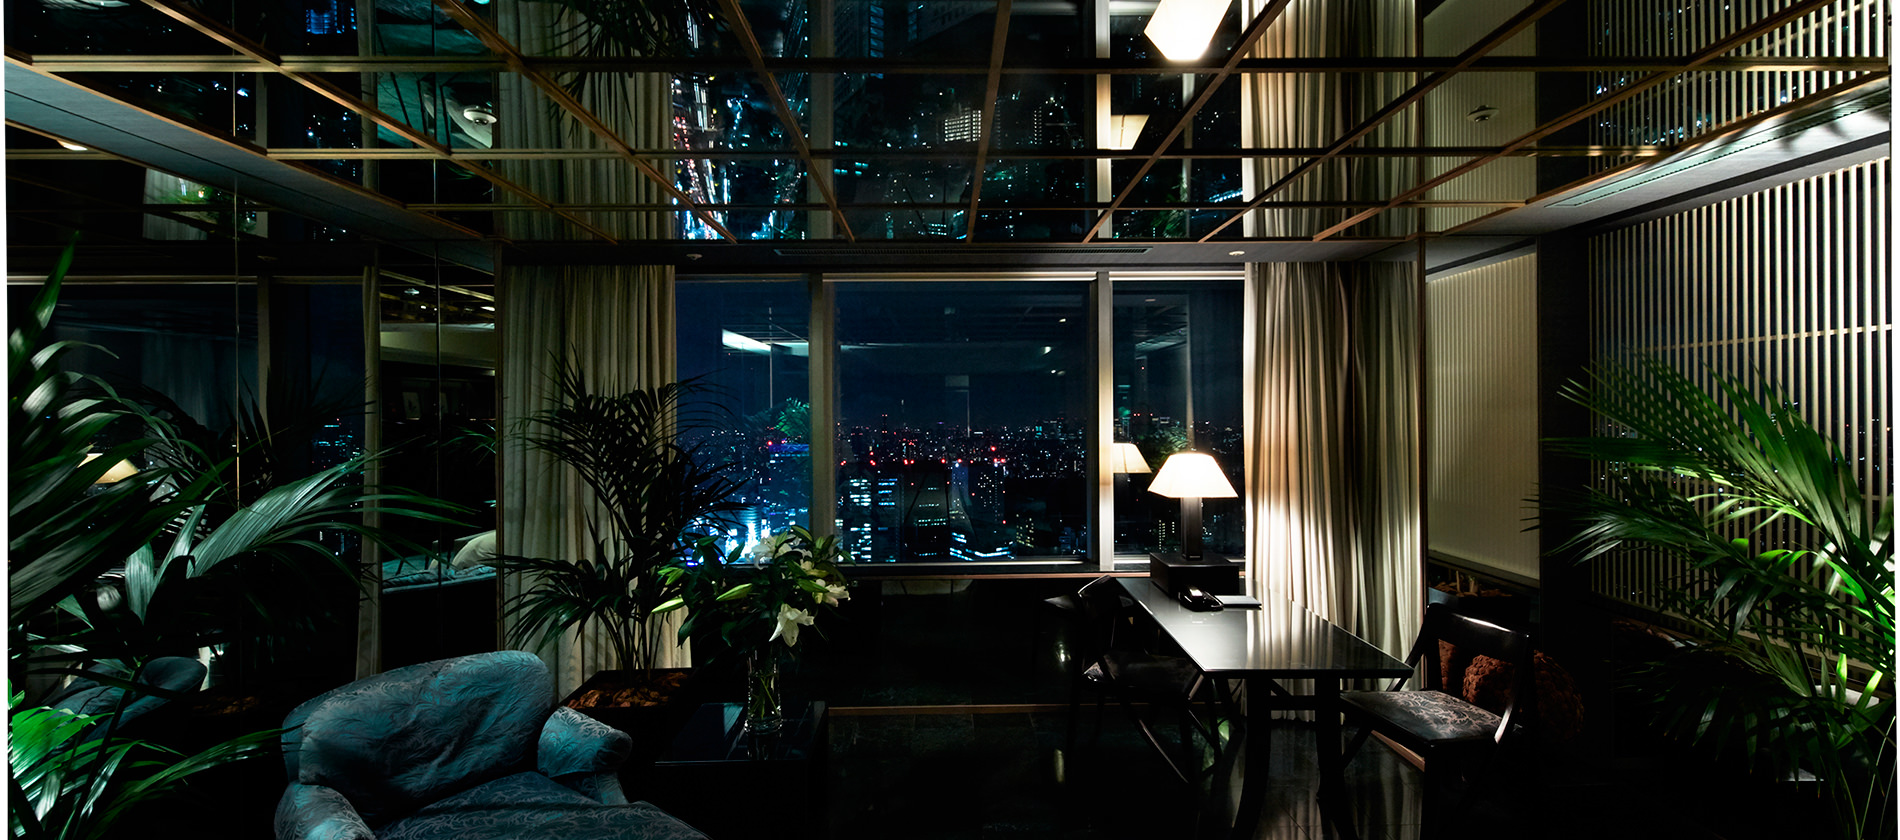 Grand Hyatt Tokyo Room Service Menu